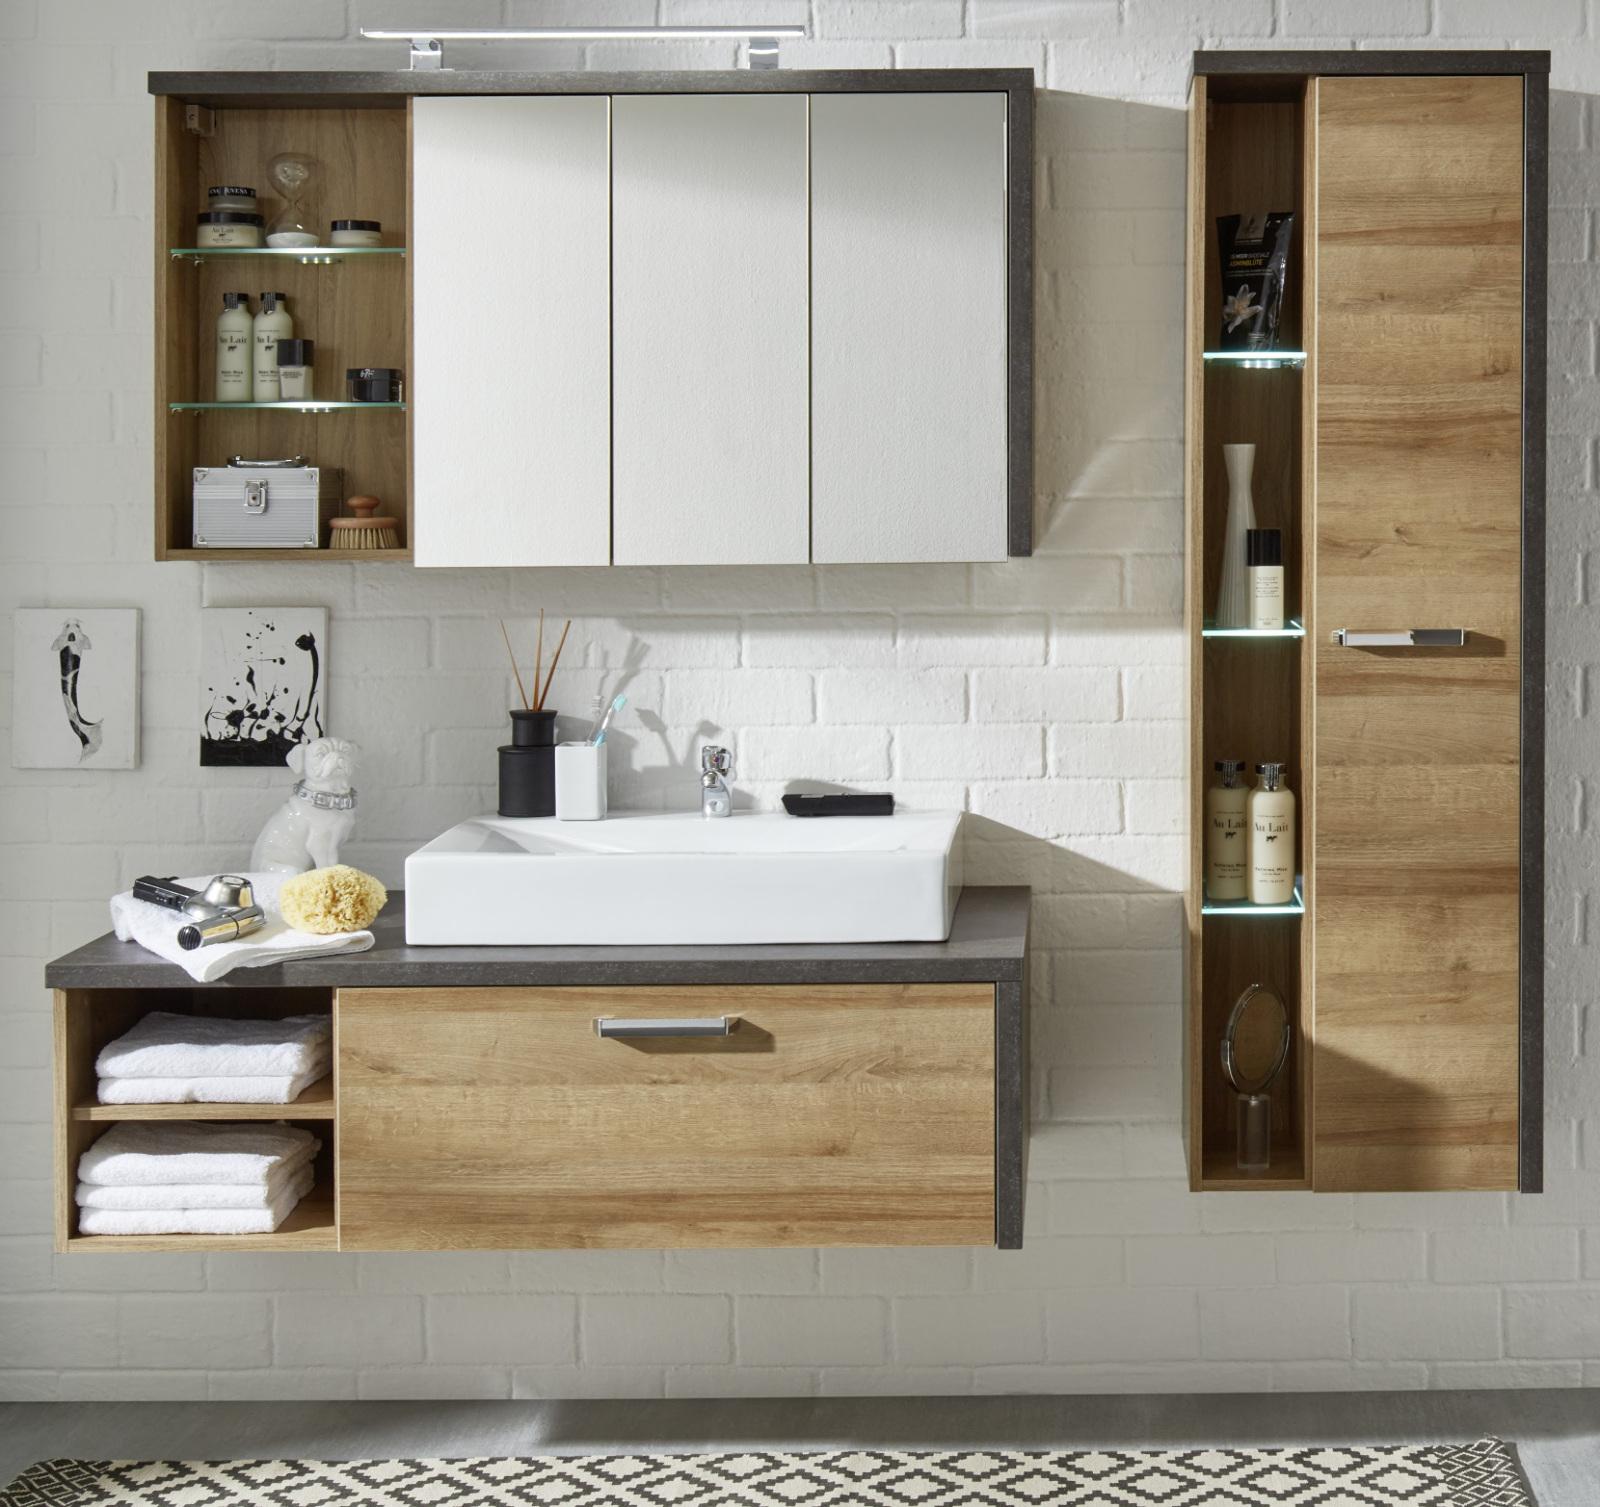 badm bel komplett set waschtisch mit waschbecken bad in eiche honig und grau bay ebay. Black Bedroom Furniture Sets. Home Design Ideas